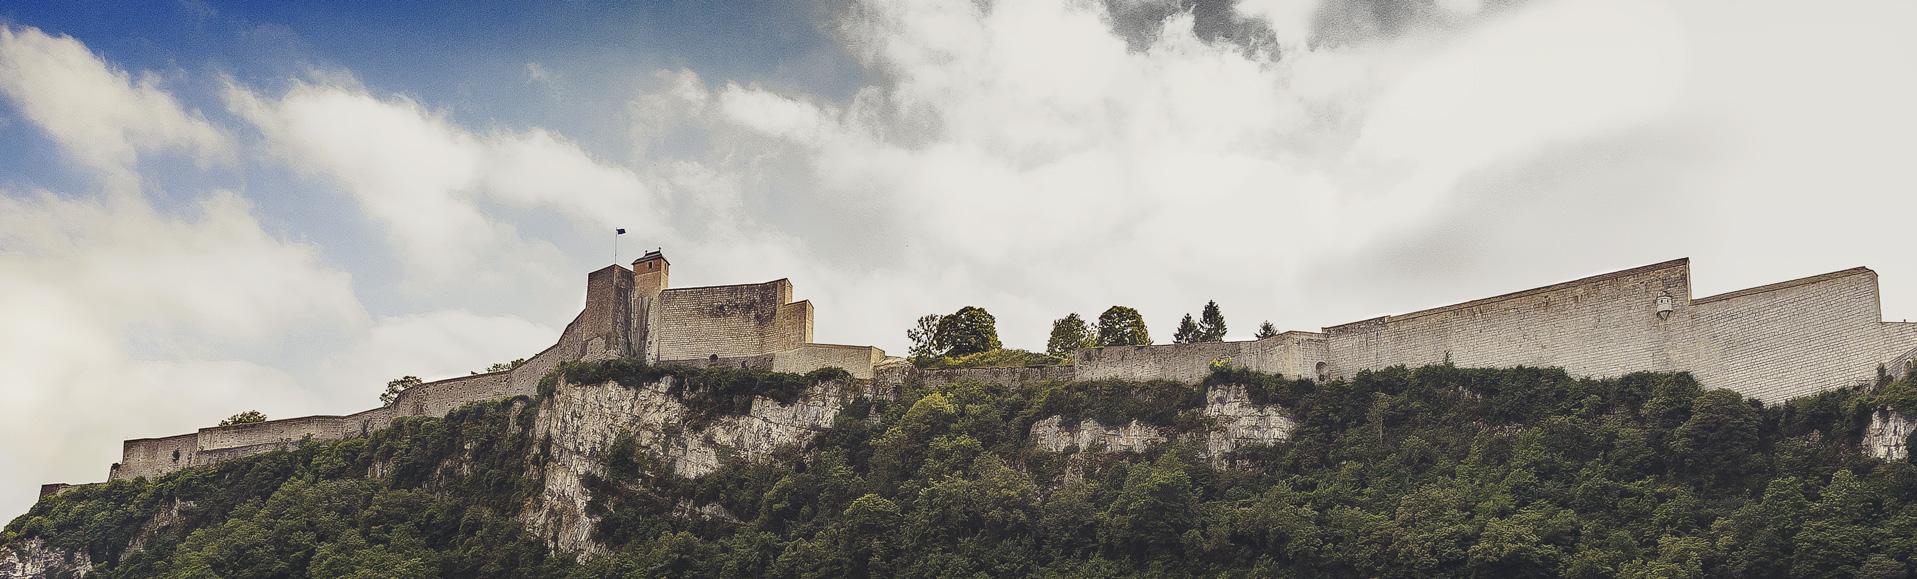 Photographie plein format de la citadelle de Besançon par le rat l'ours graphiste